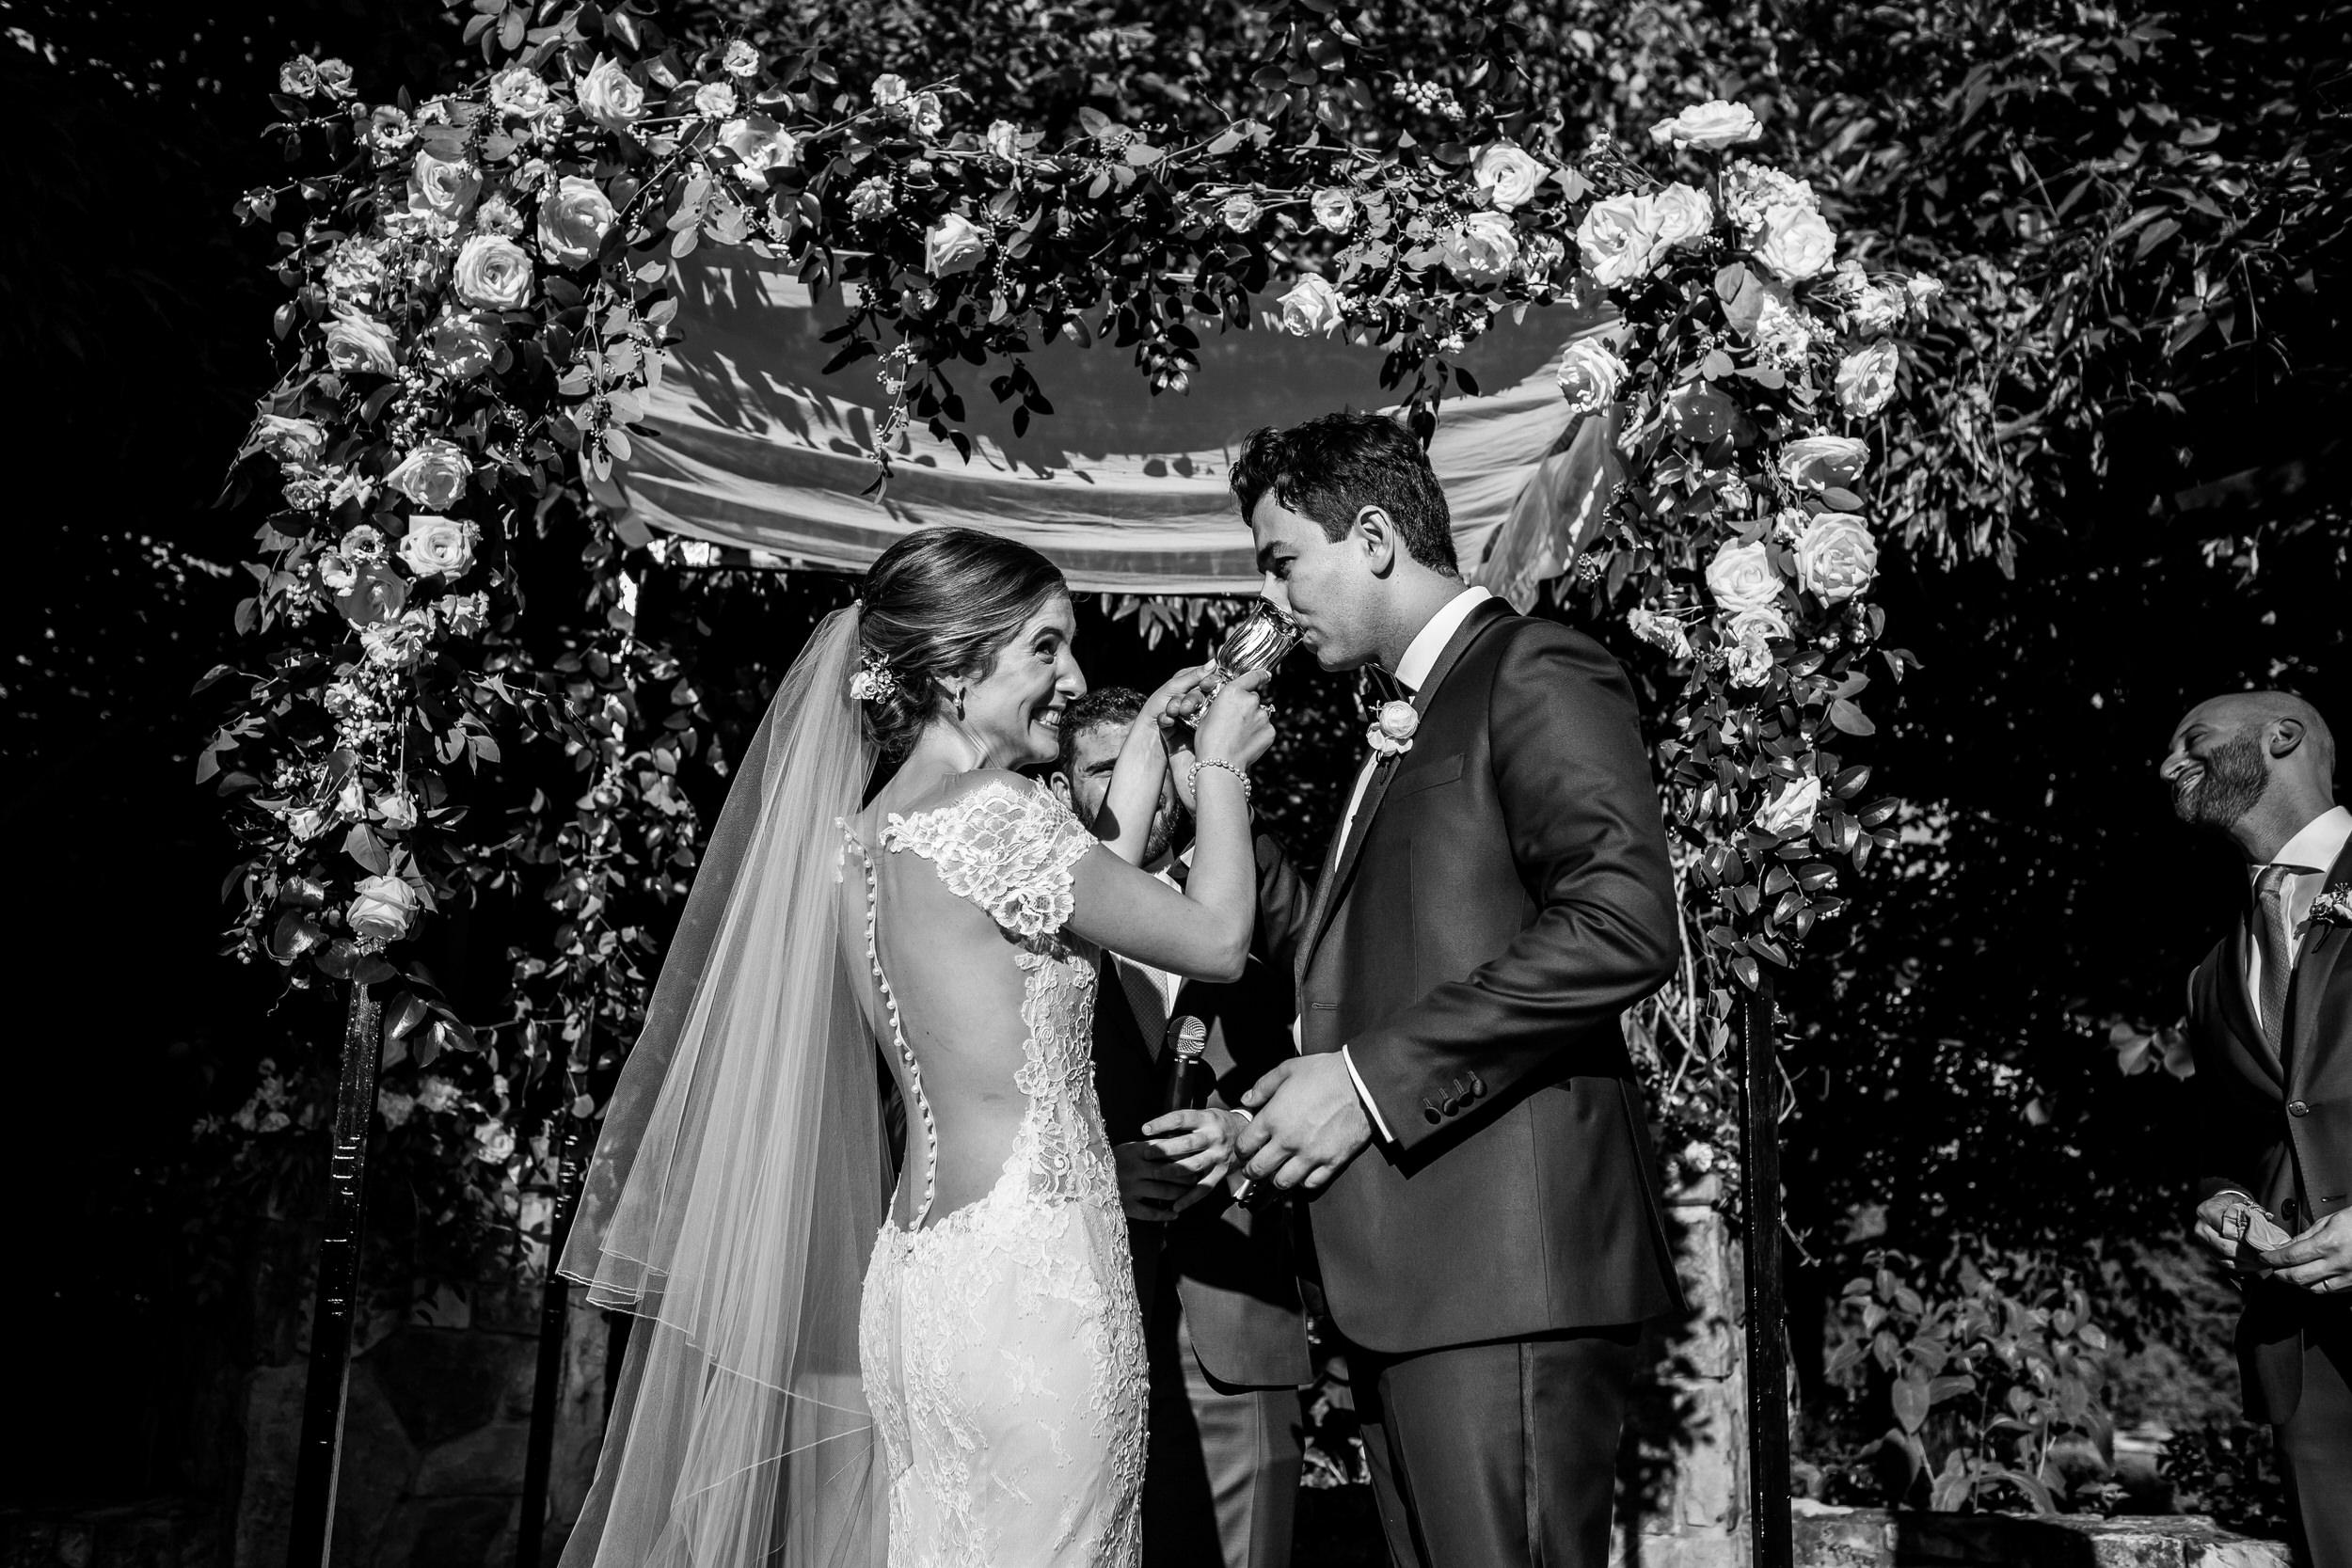 jake_marisa_allison_inn_wedding_starkphotography_037